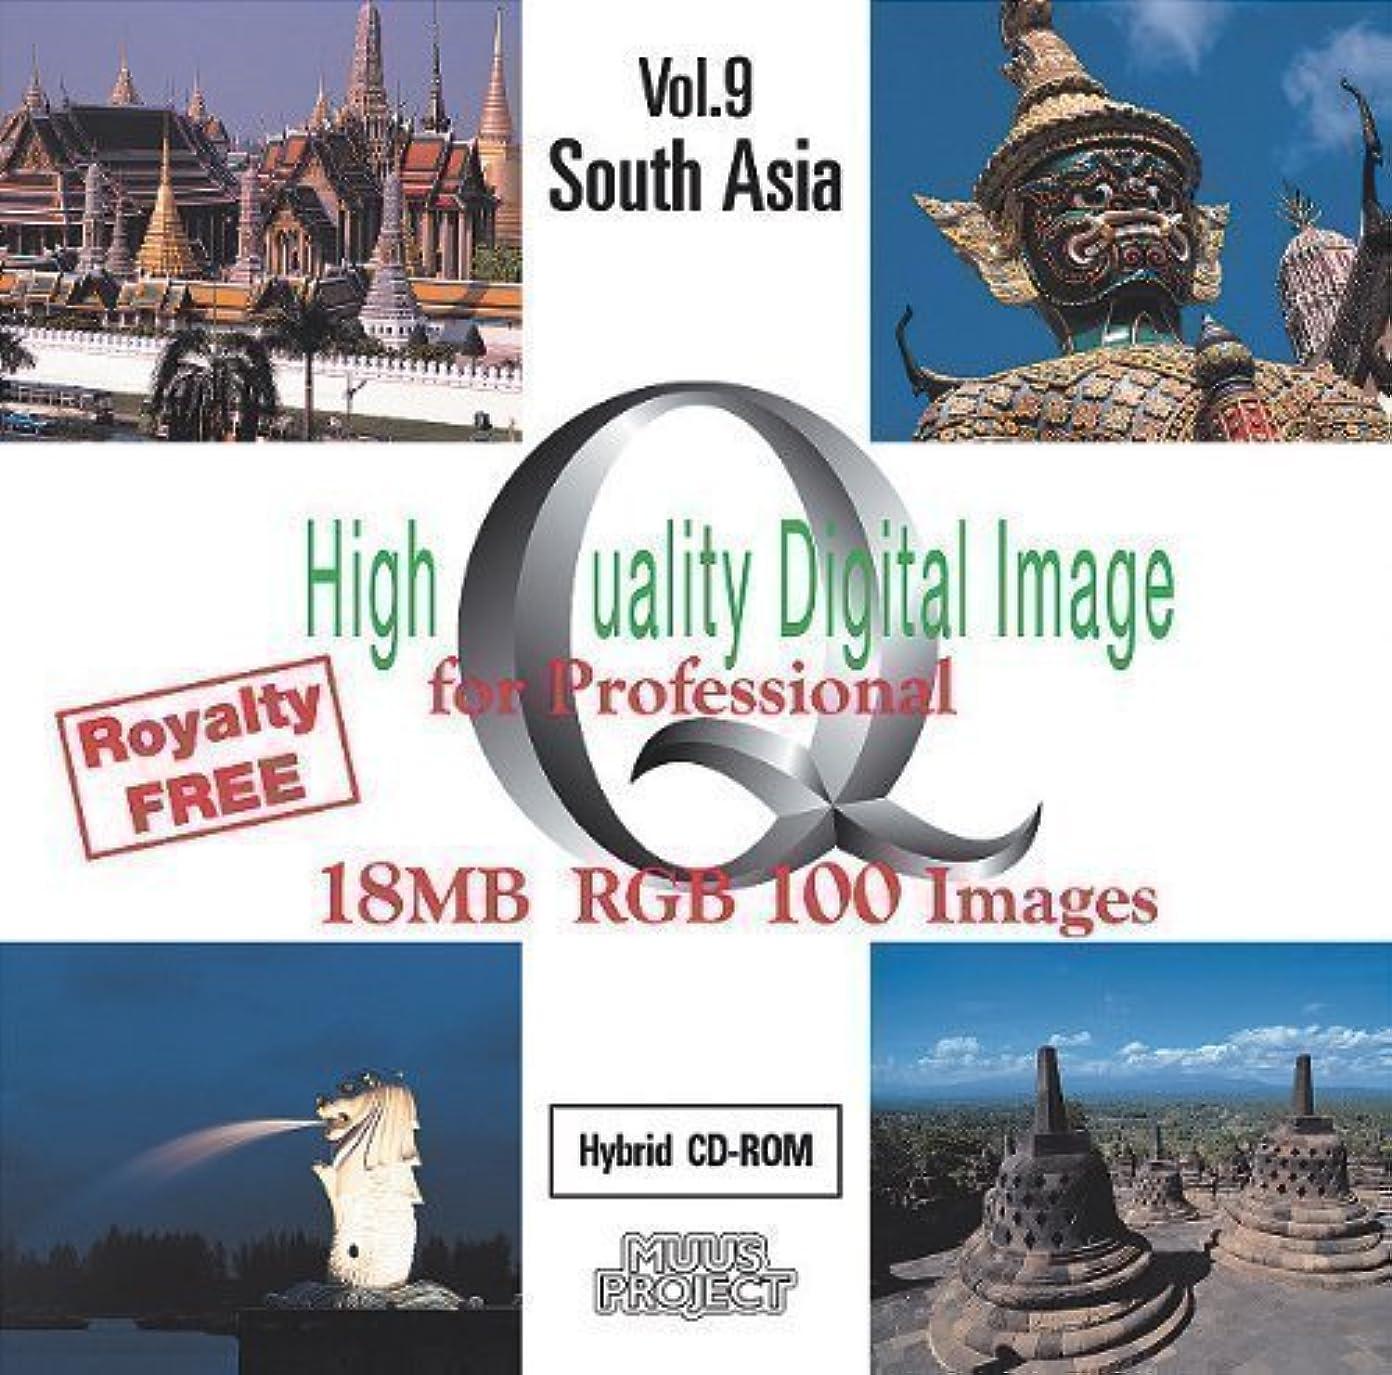 蓄積するピニオン憎しみHigh Quality Digital Image Vol.9 South Asia